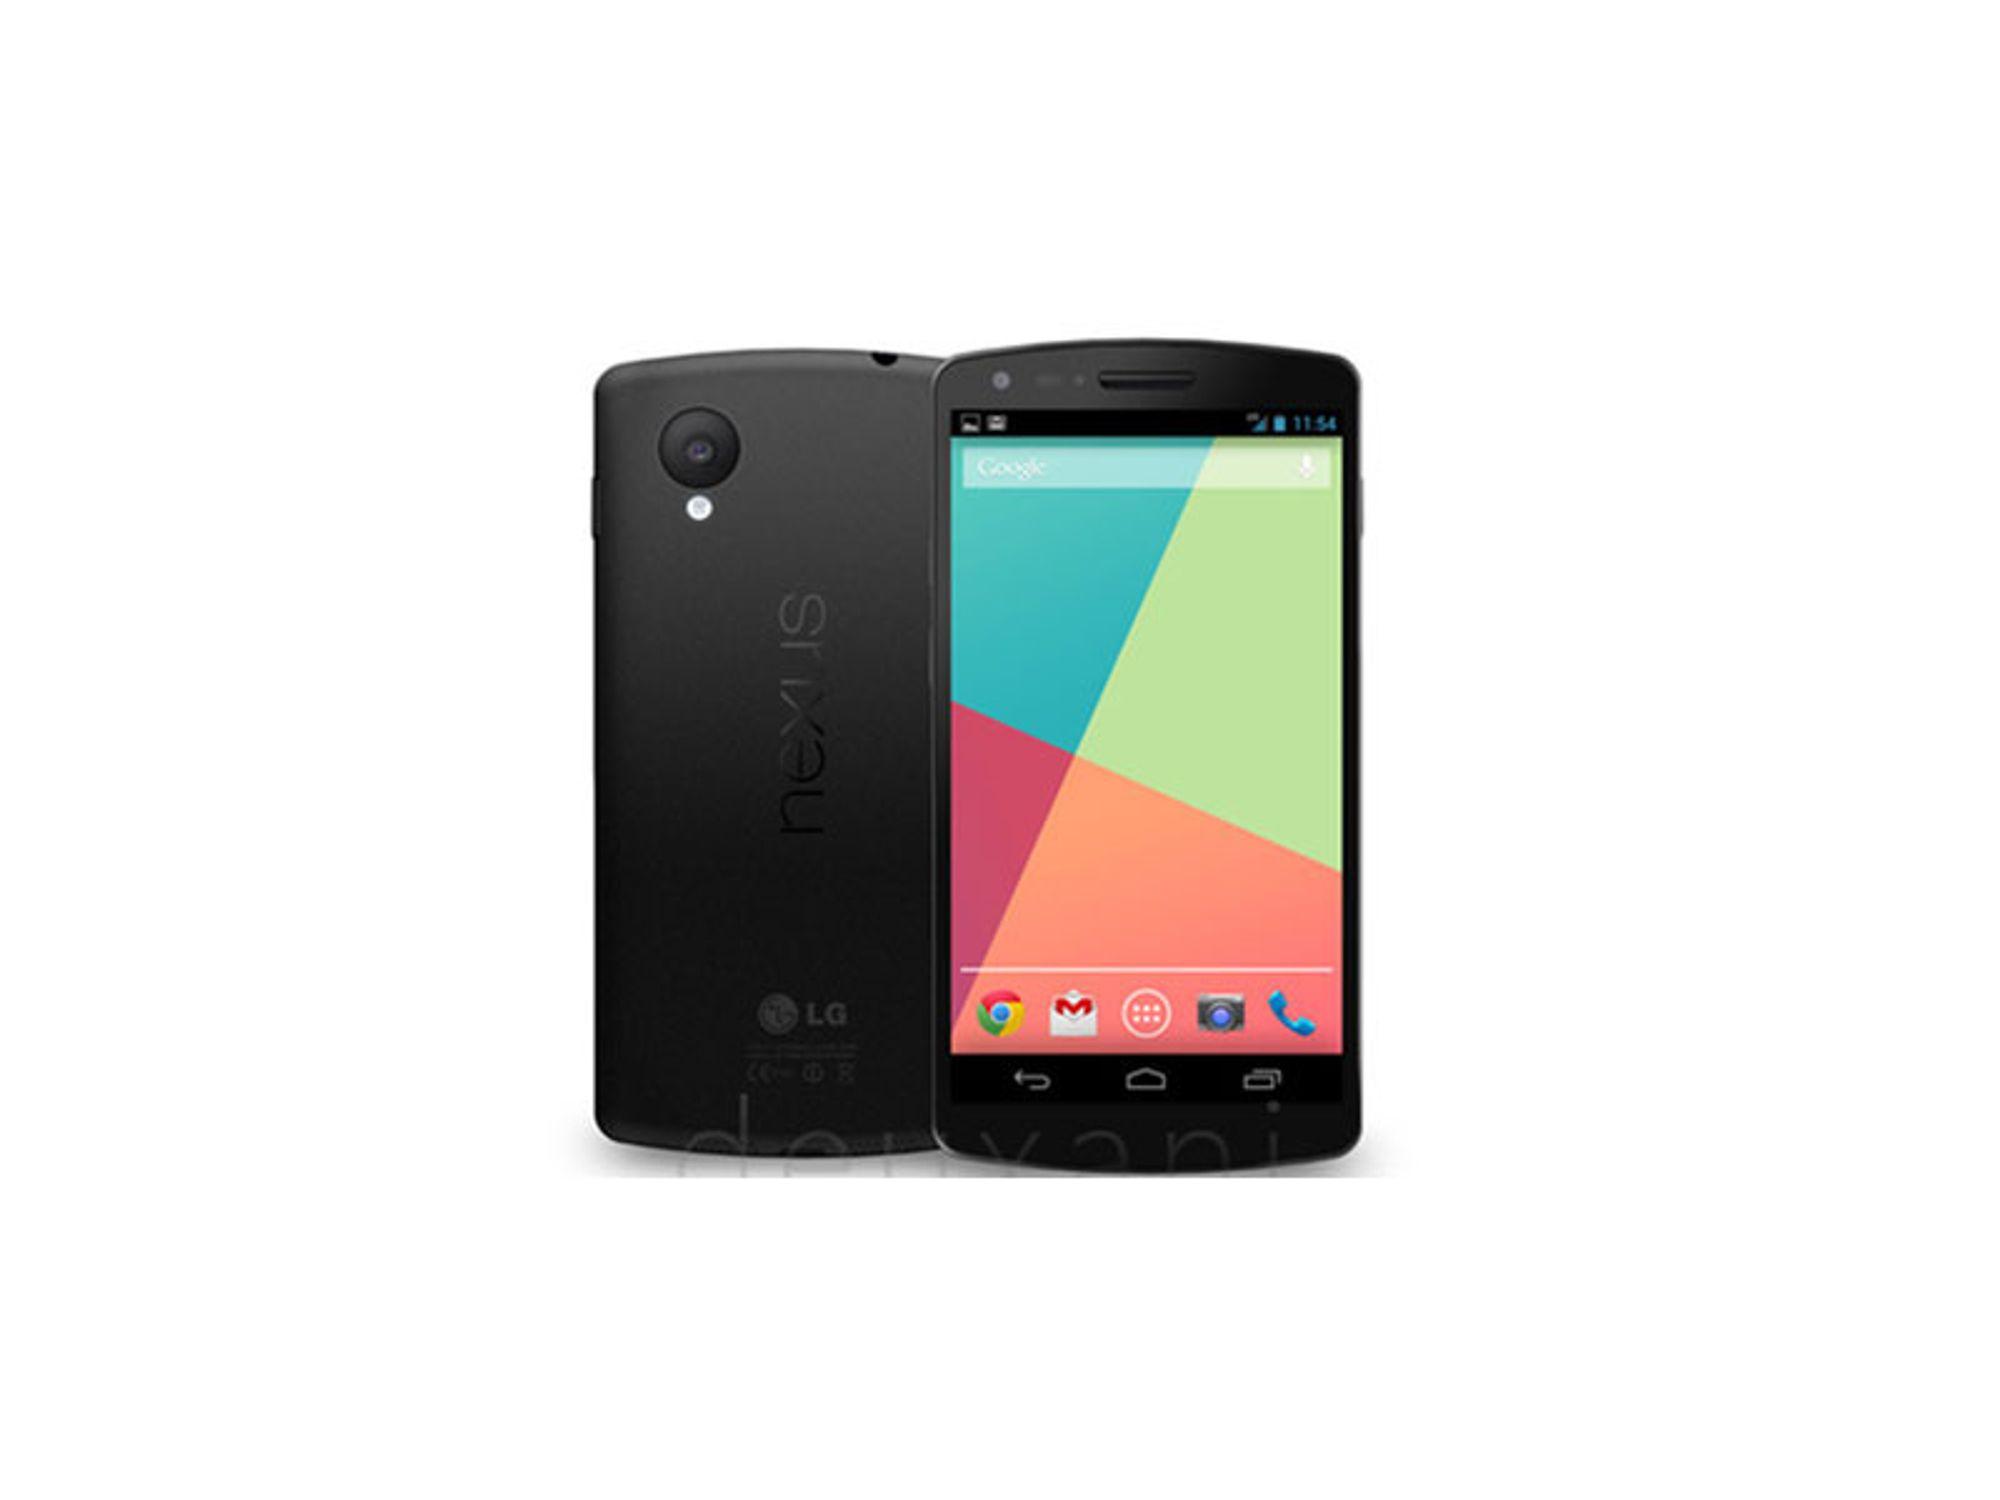 Er dette Nexus 5?